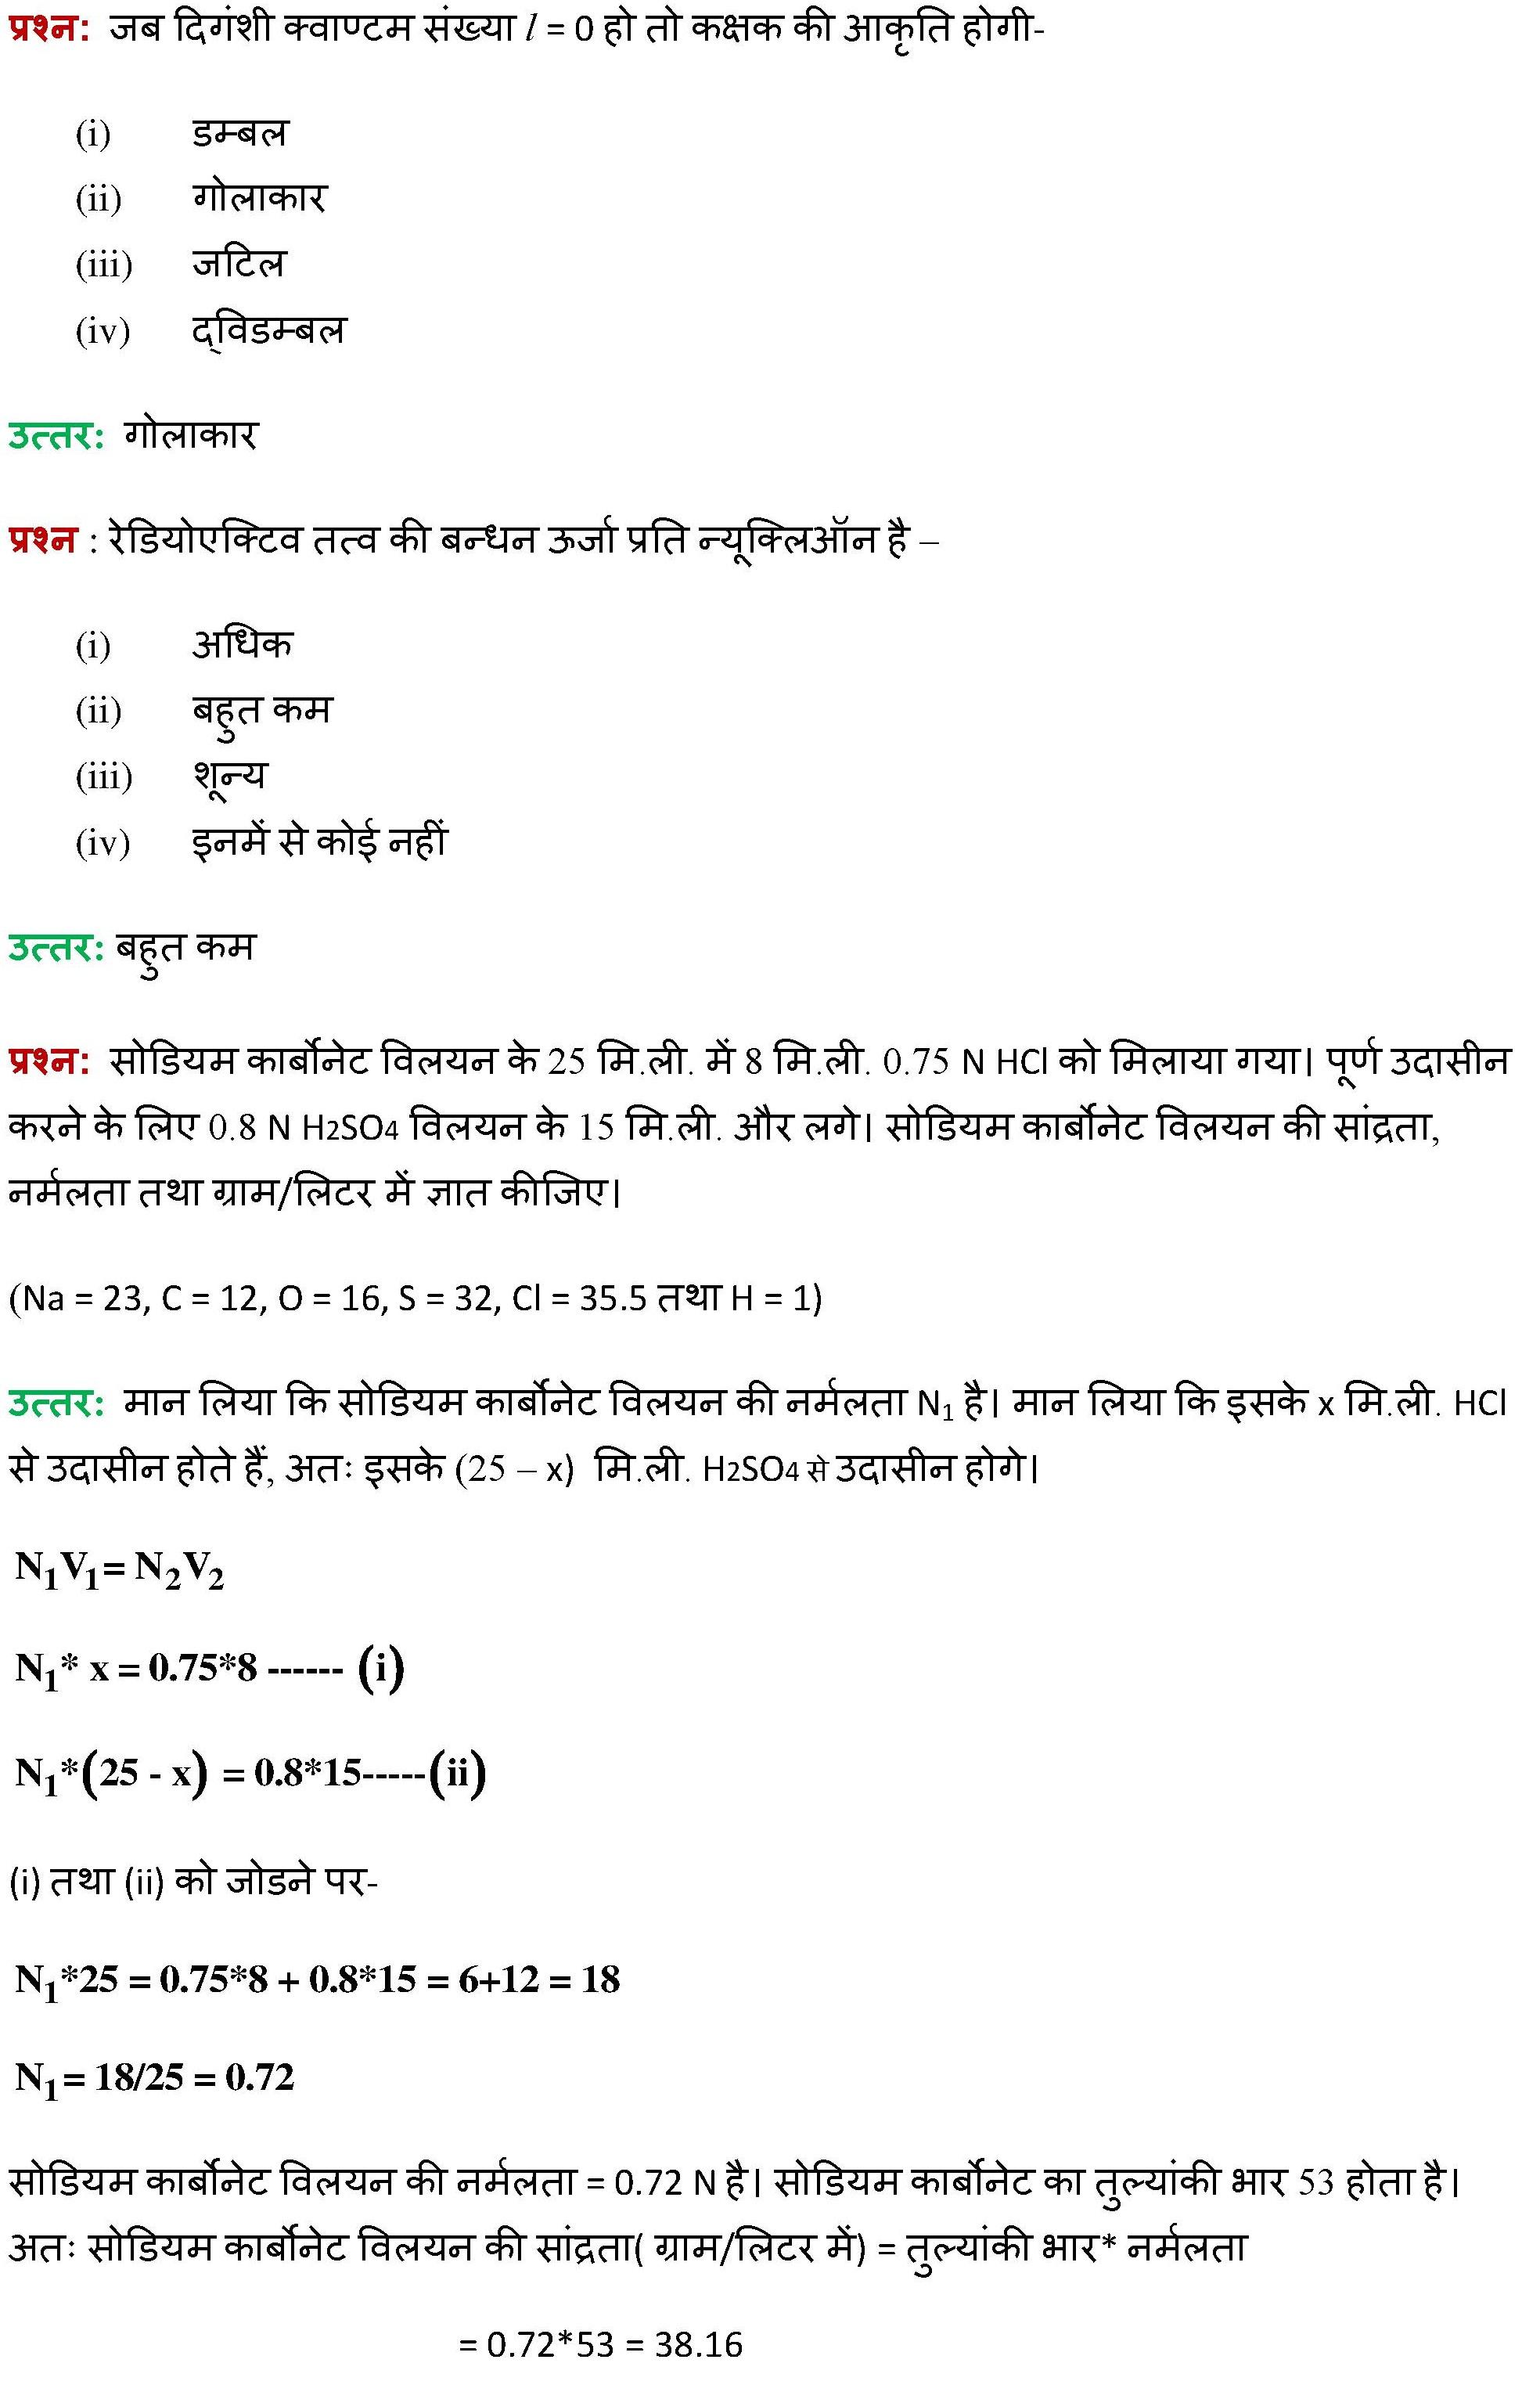 Cbse Class 12 Maths Question Paper Solved